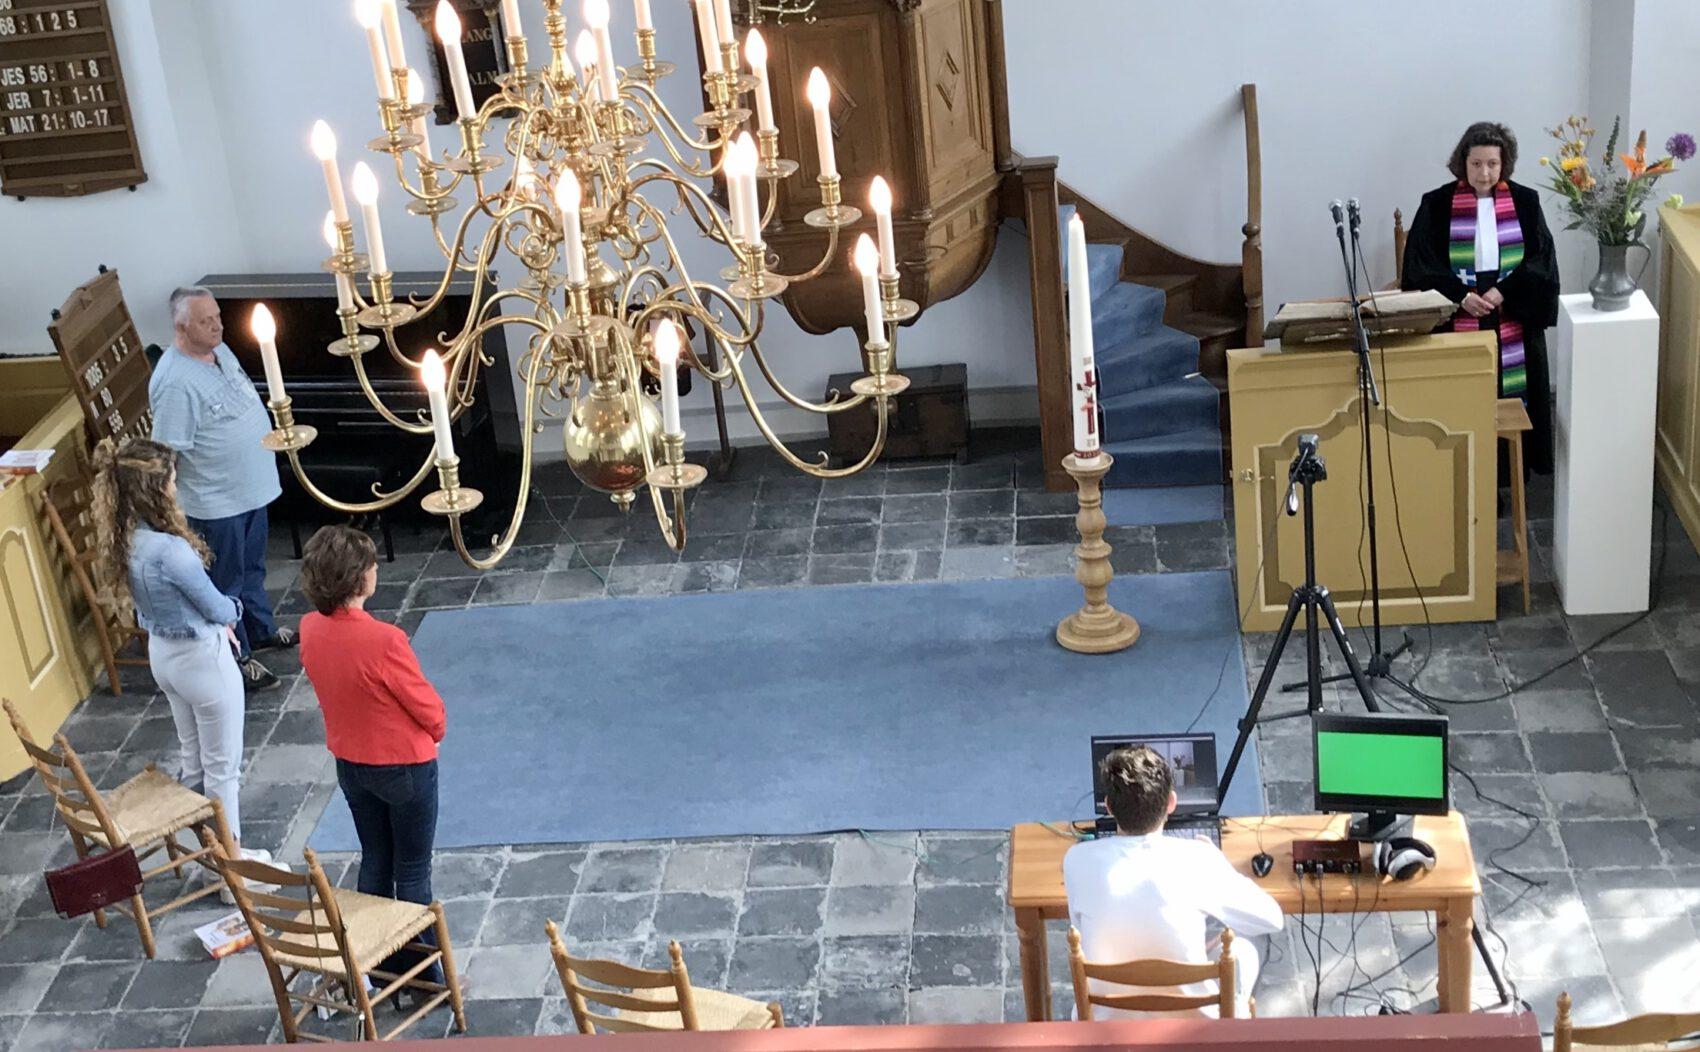 Nieuwe richtlijn PKN: 30 bezoekers in een kerkdienst